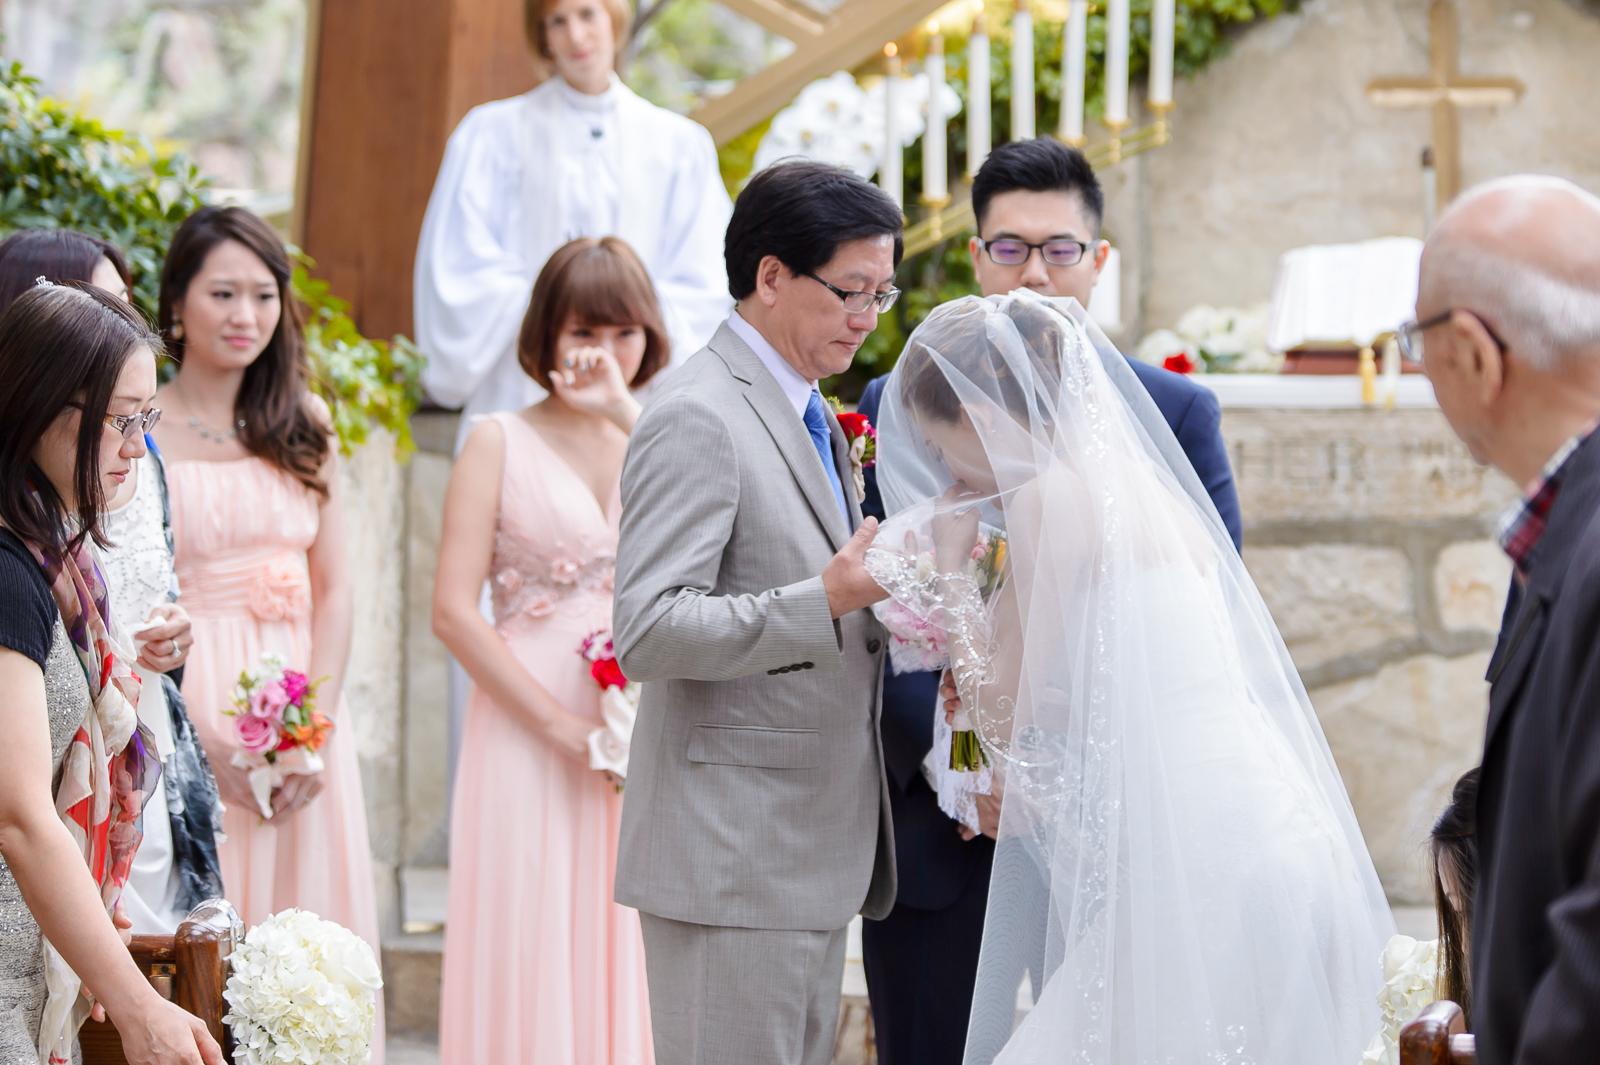 婚攝,婚攝價值,婚攝好貴,婚攝成本